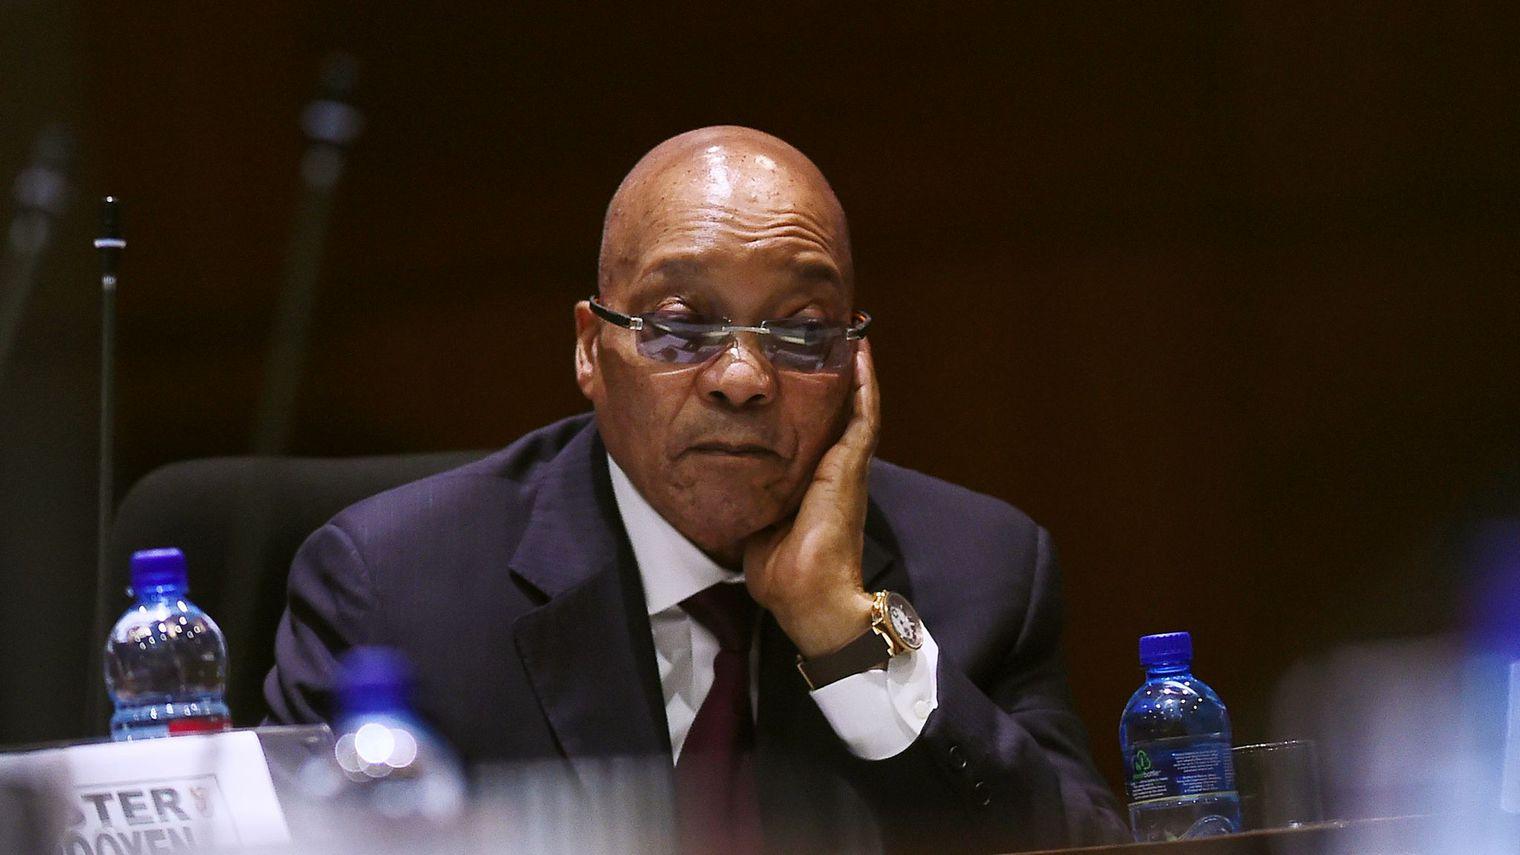 AFRIQUE DU SUD : la justice confirme que Zuma peut être poursuivi pour corruption